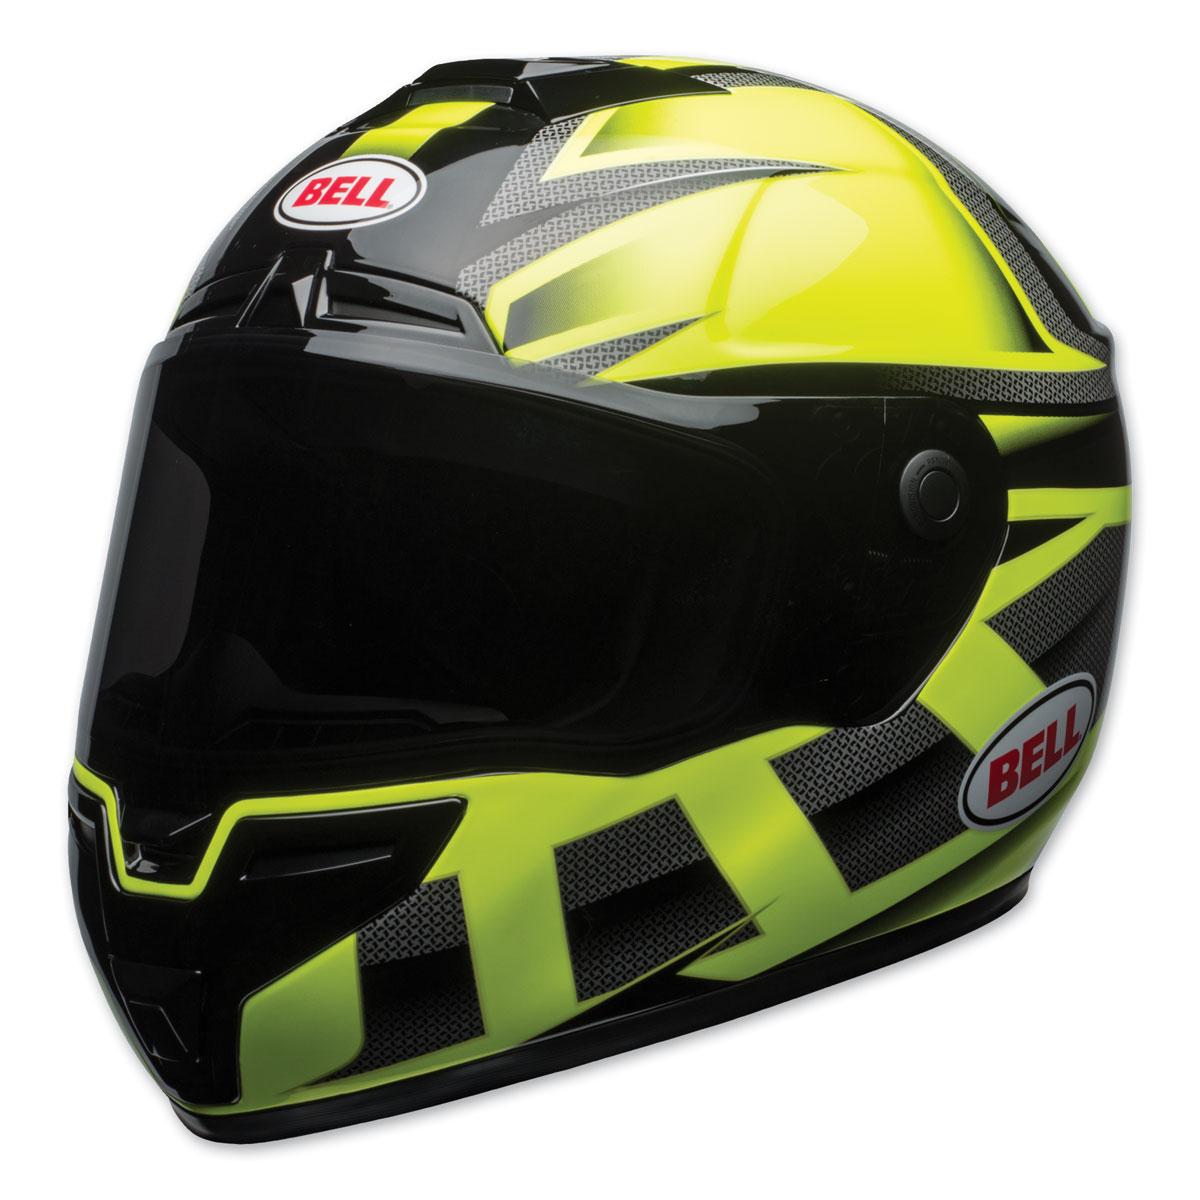 Bell SRT Predator Gloss Hi-Viz/Black Full Face Helmet